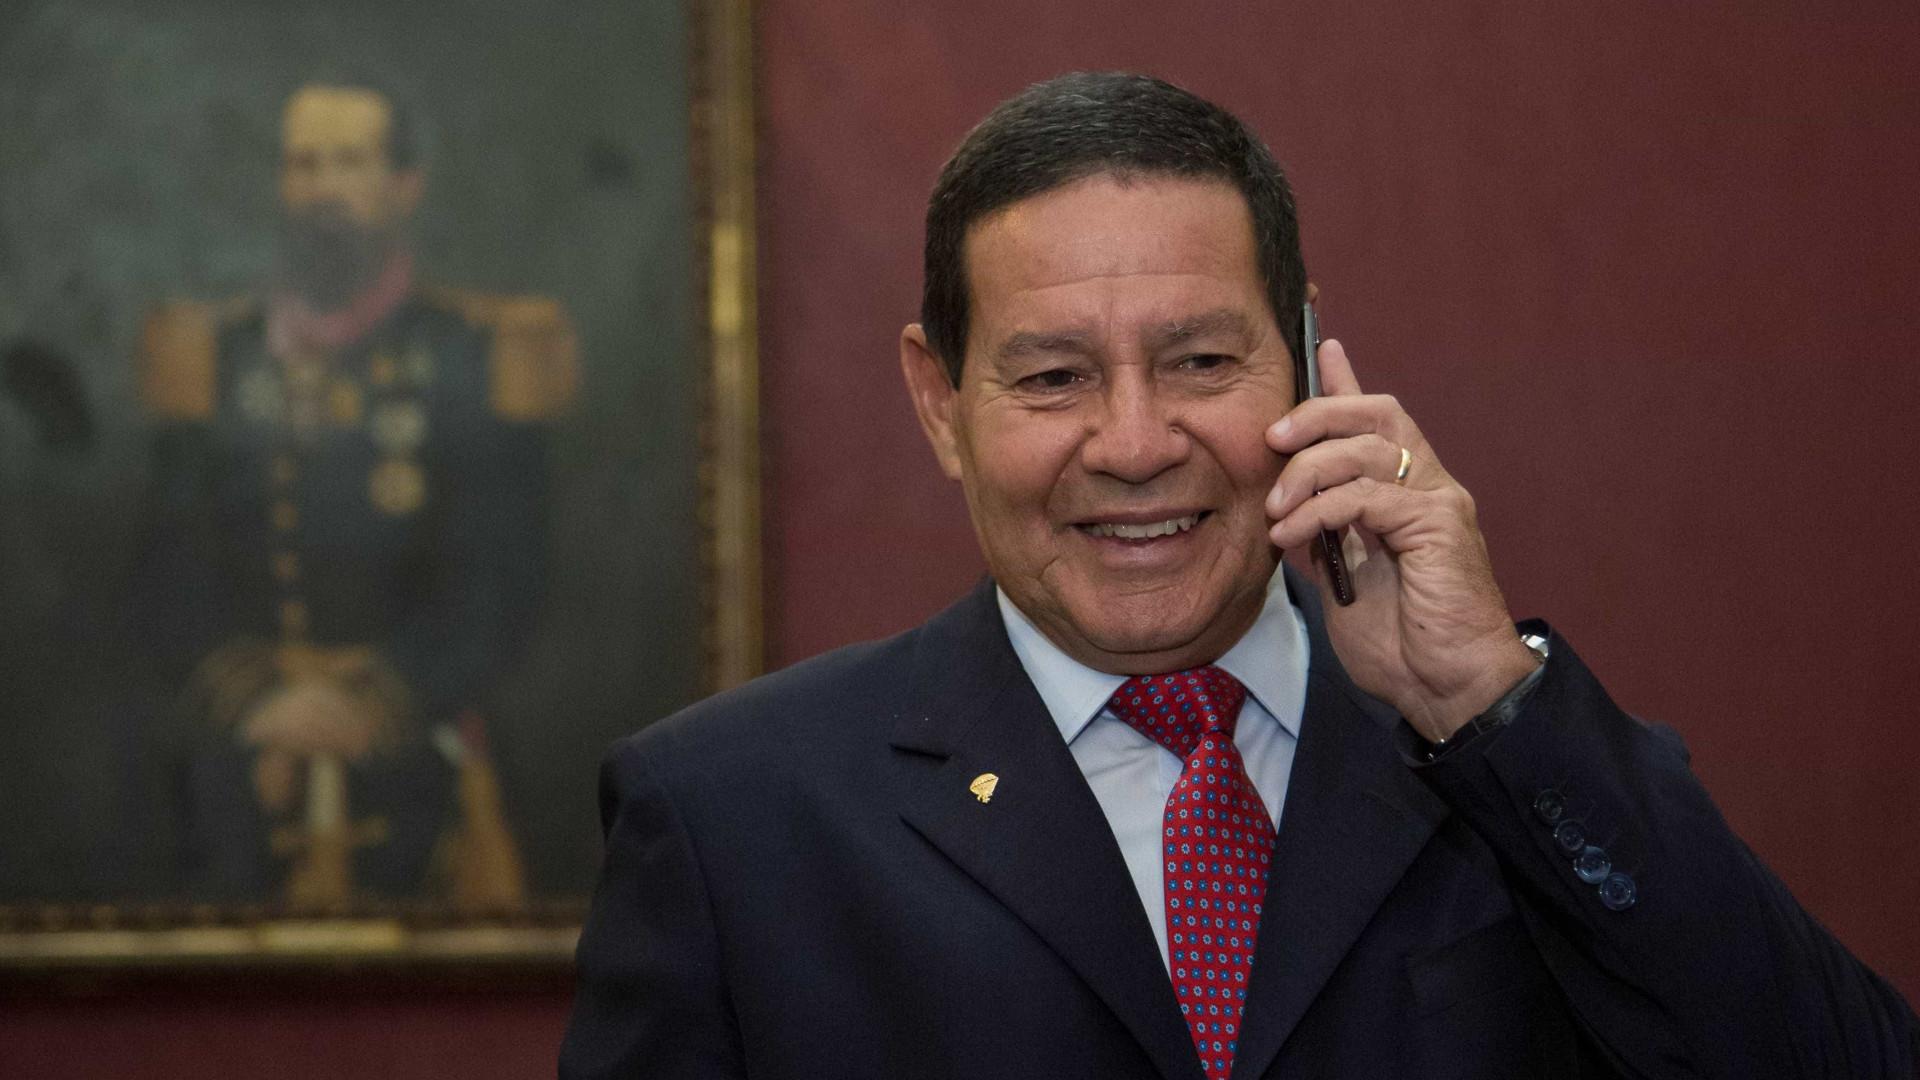 Após fala de Bolsonaro sobre Flávio, Mourão diz que 'lei é para todos'